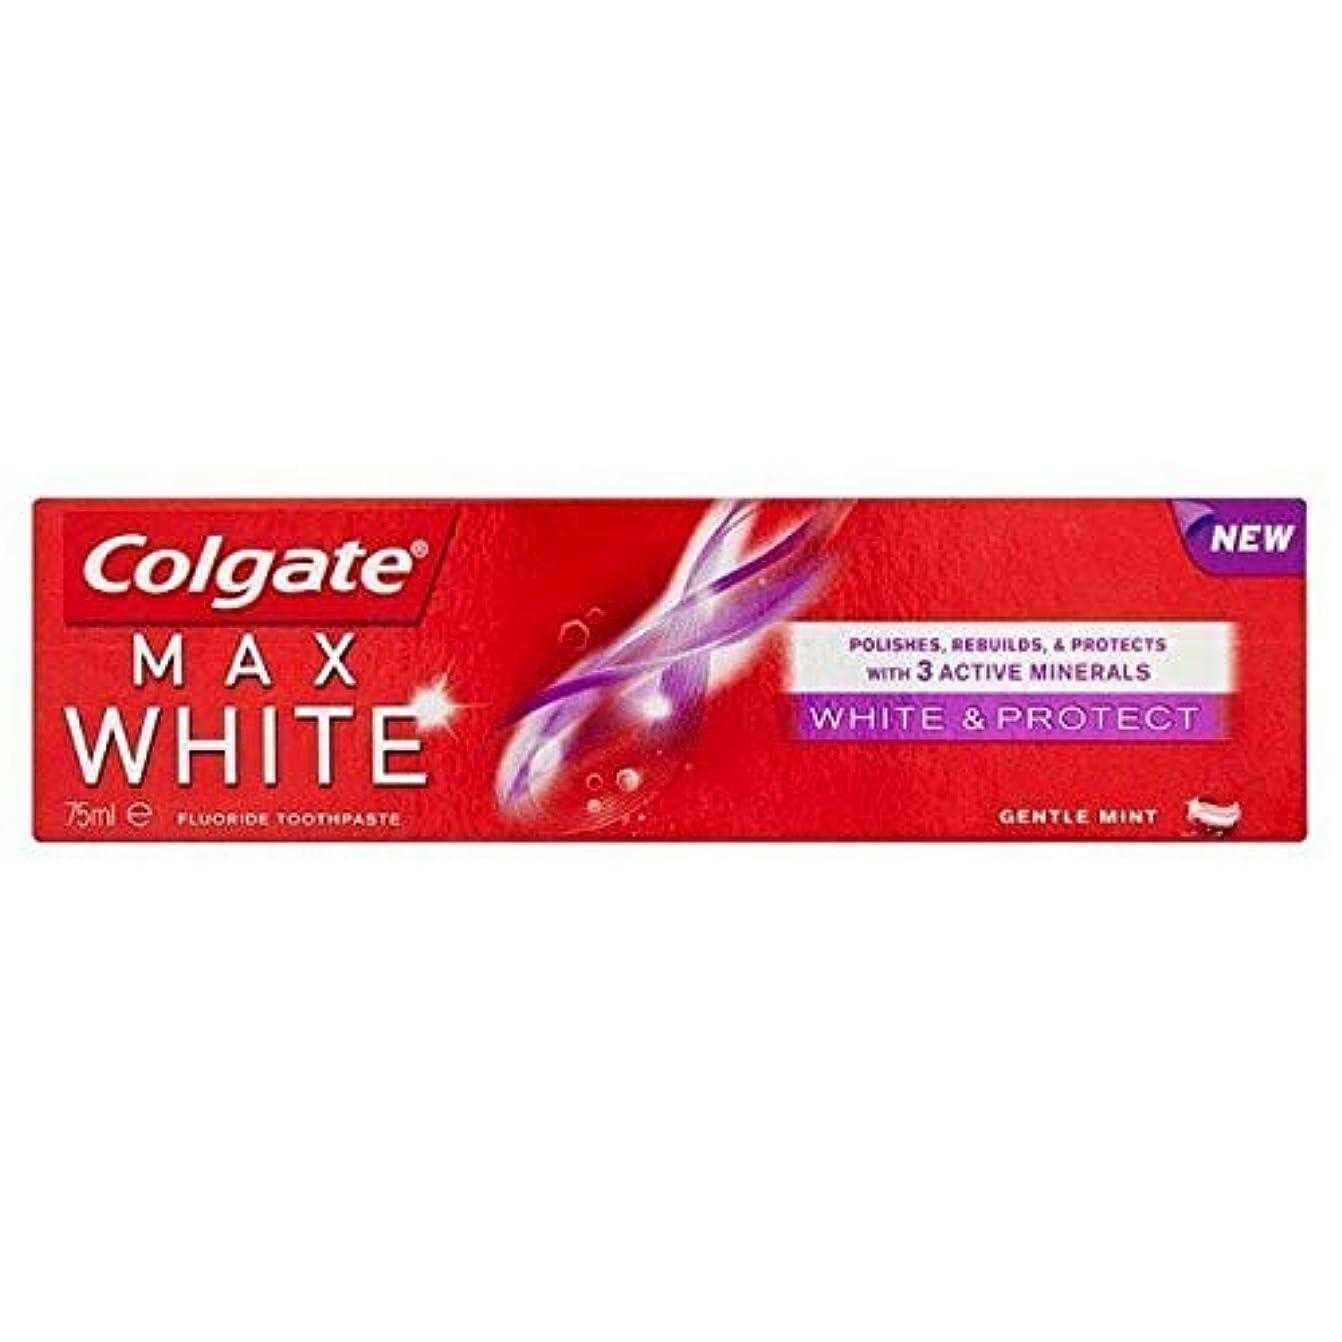 出力バッグ討論[Colgate ] コルゲートマックスホワイトホワイトニング&歯磨き粉75ミリリットルを保護 - Colgate Max White Whitening & Protect Toothpaste 75ml [並行輸入品]